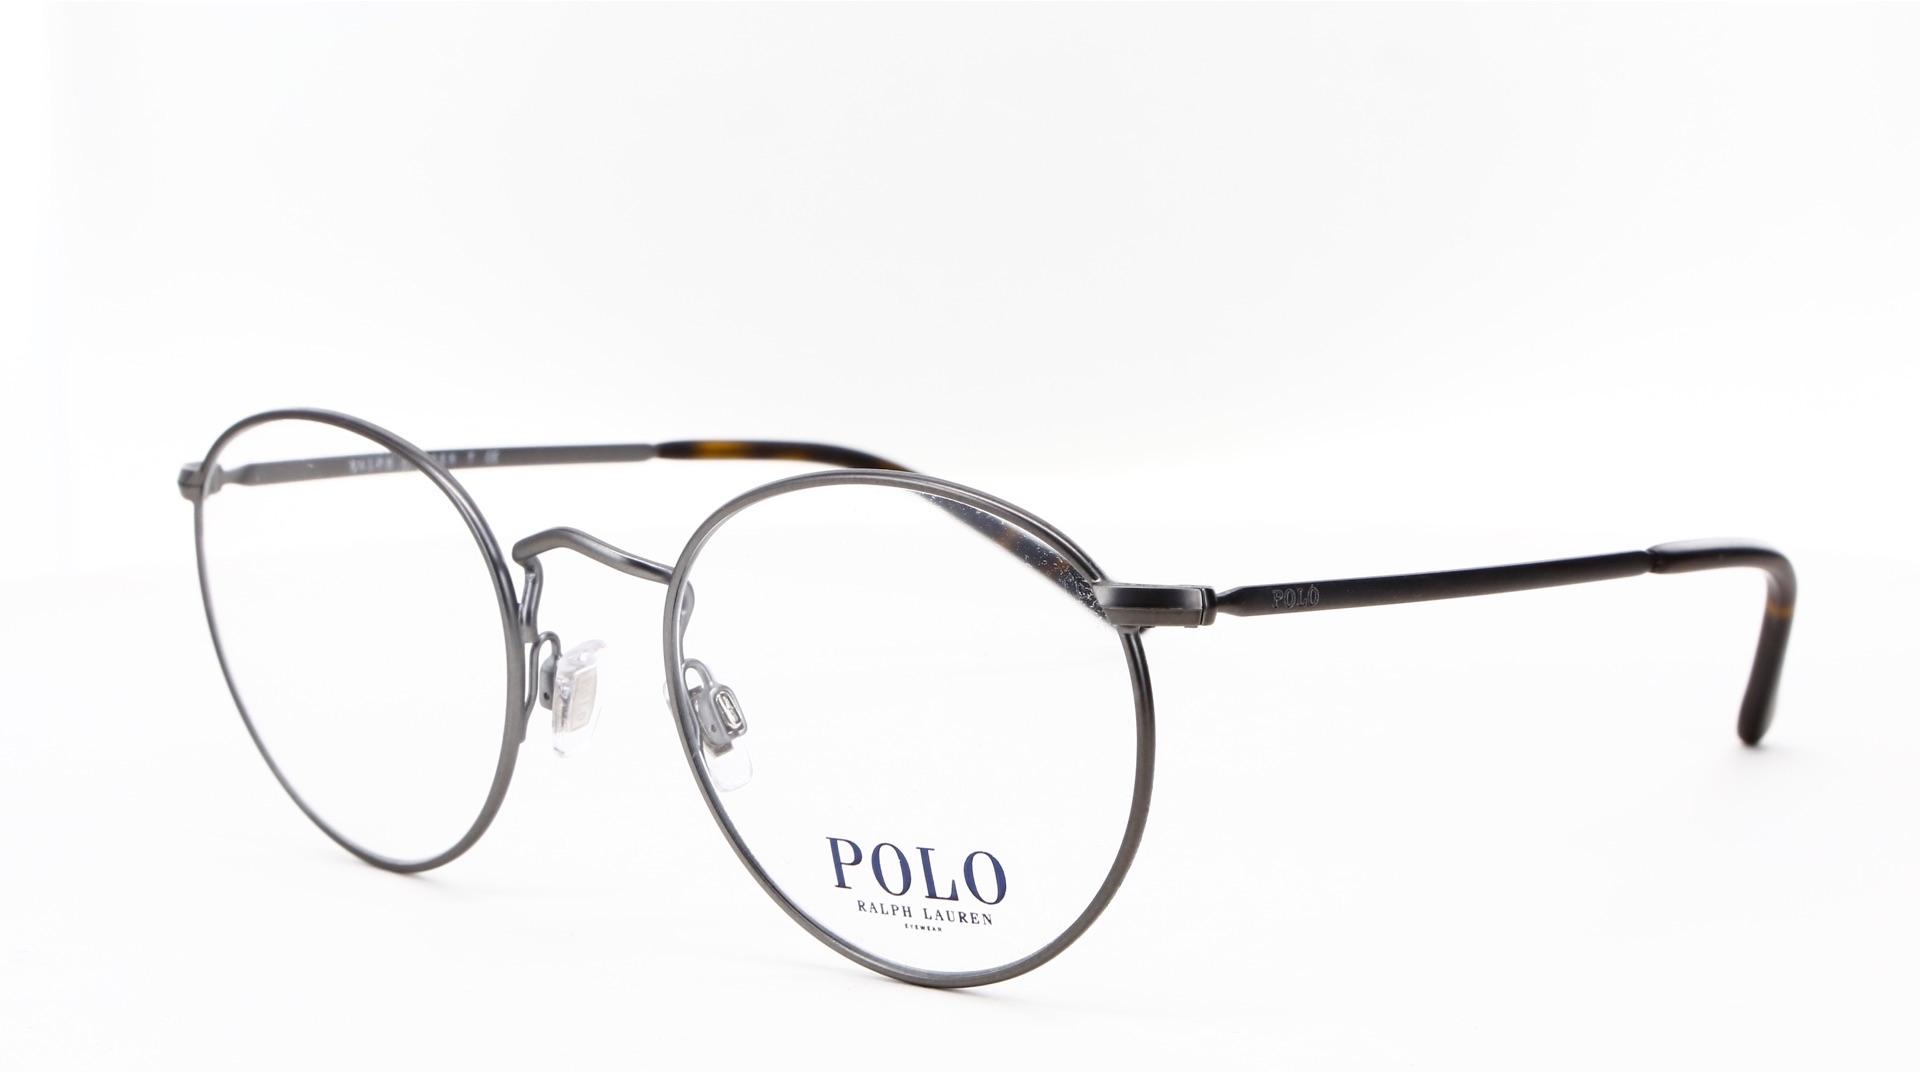 Polo Ralph Lauren - ref: 78634